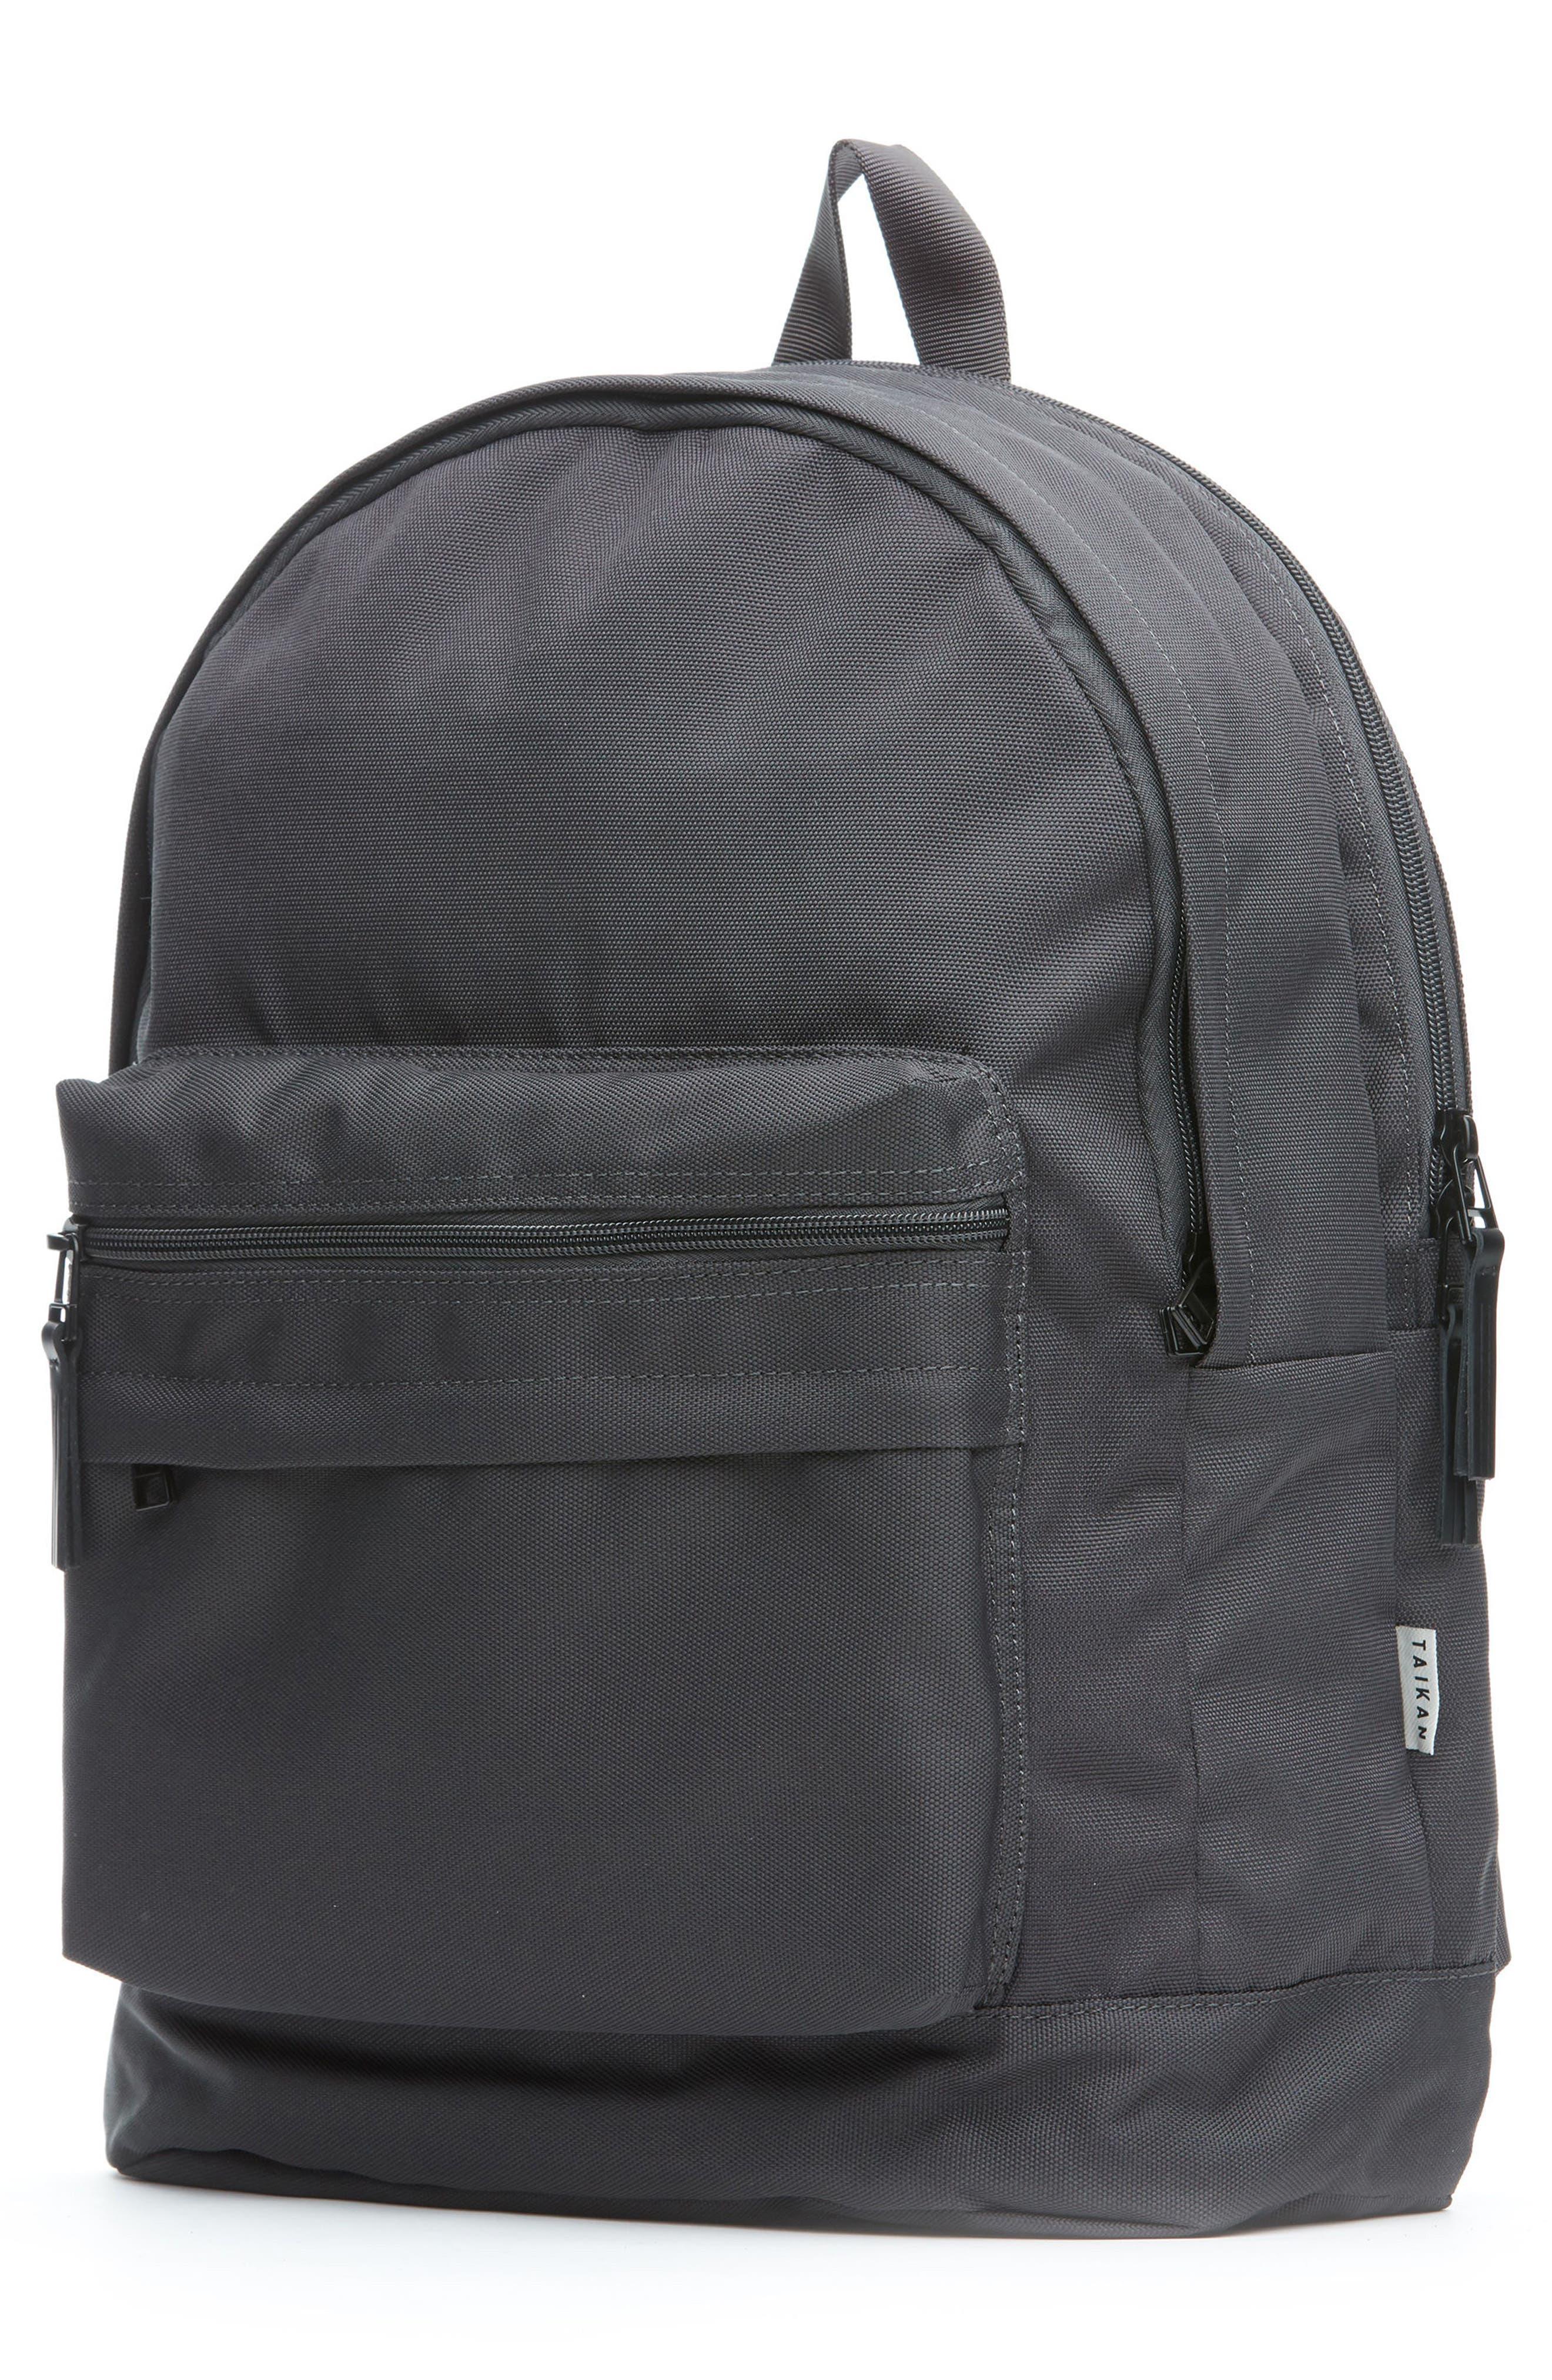 Lancer Backpack,                             Alternate thumbnail 4, color,                             Charcoal